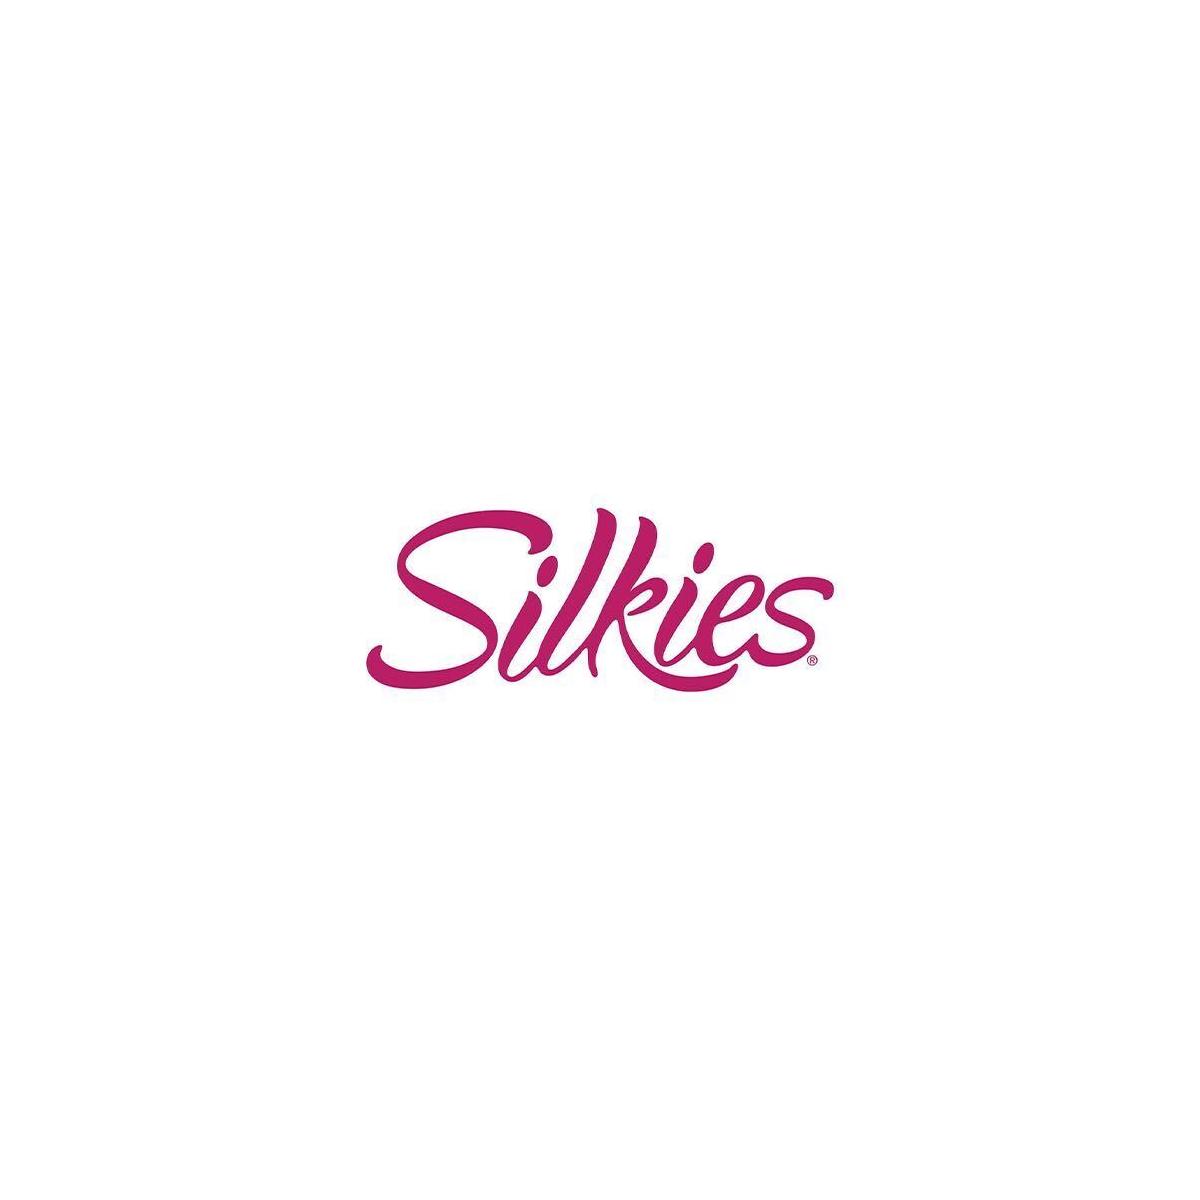 Silkies